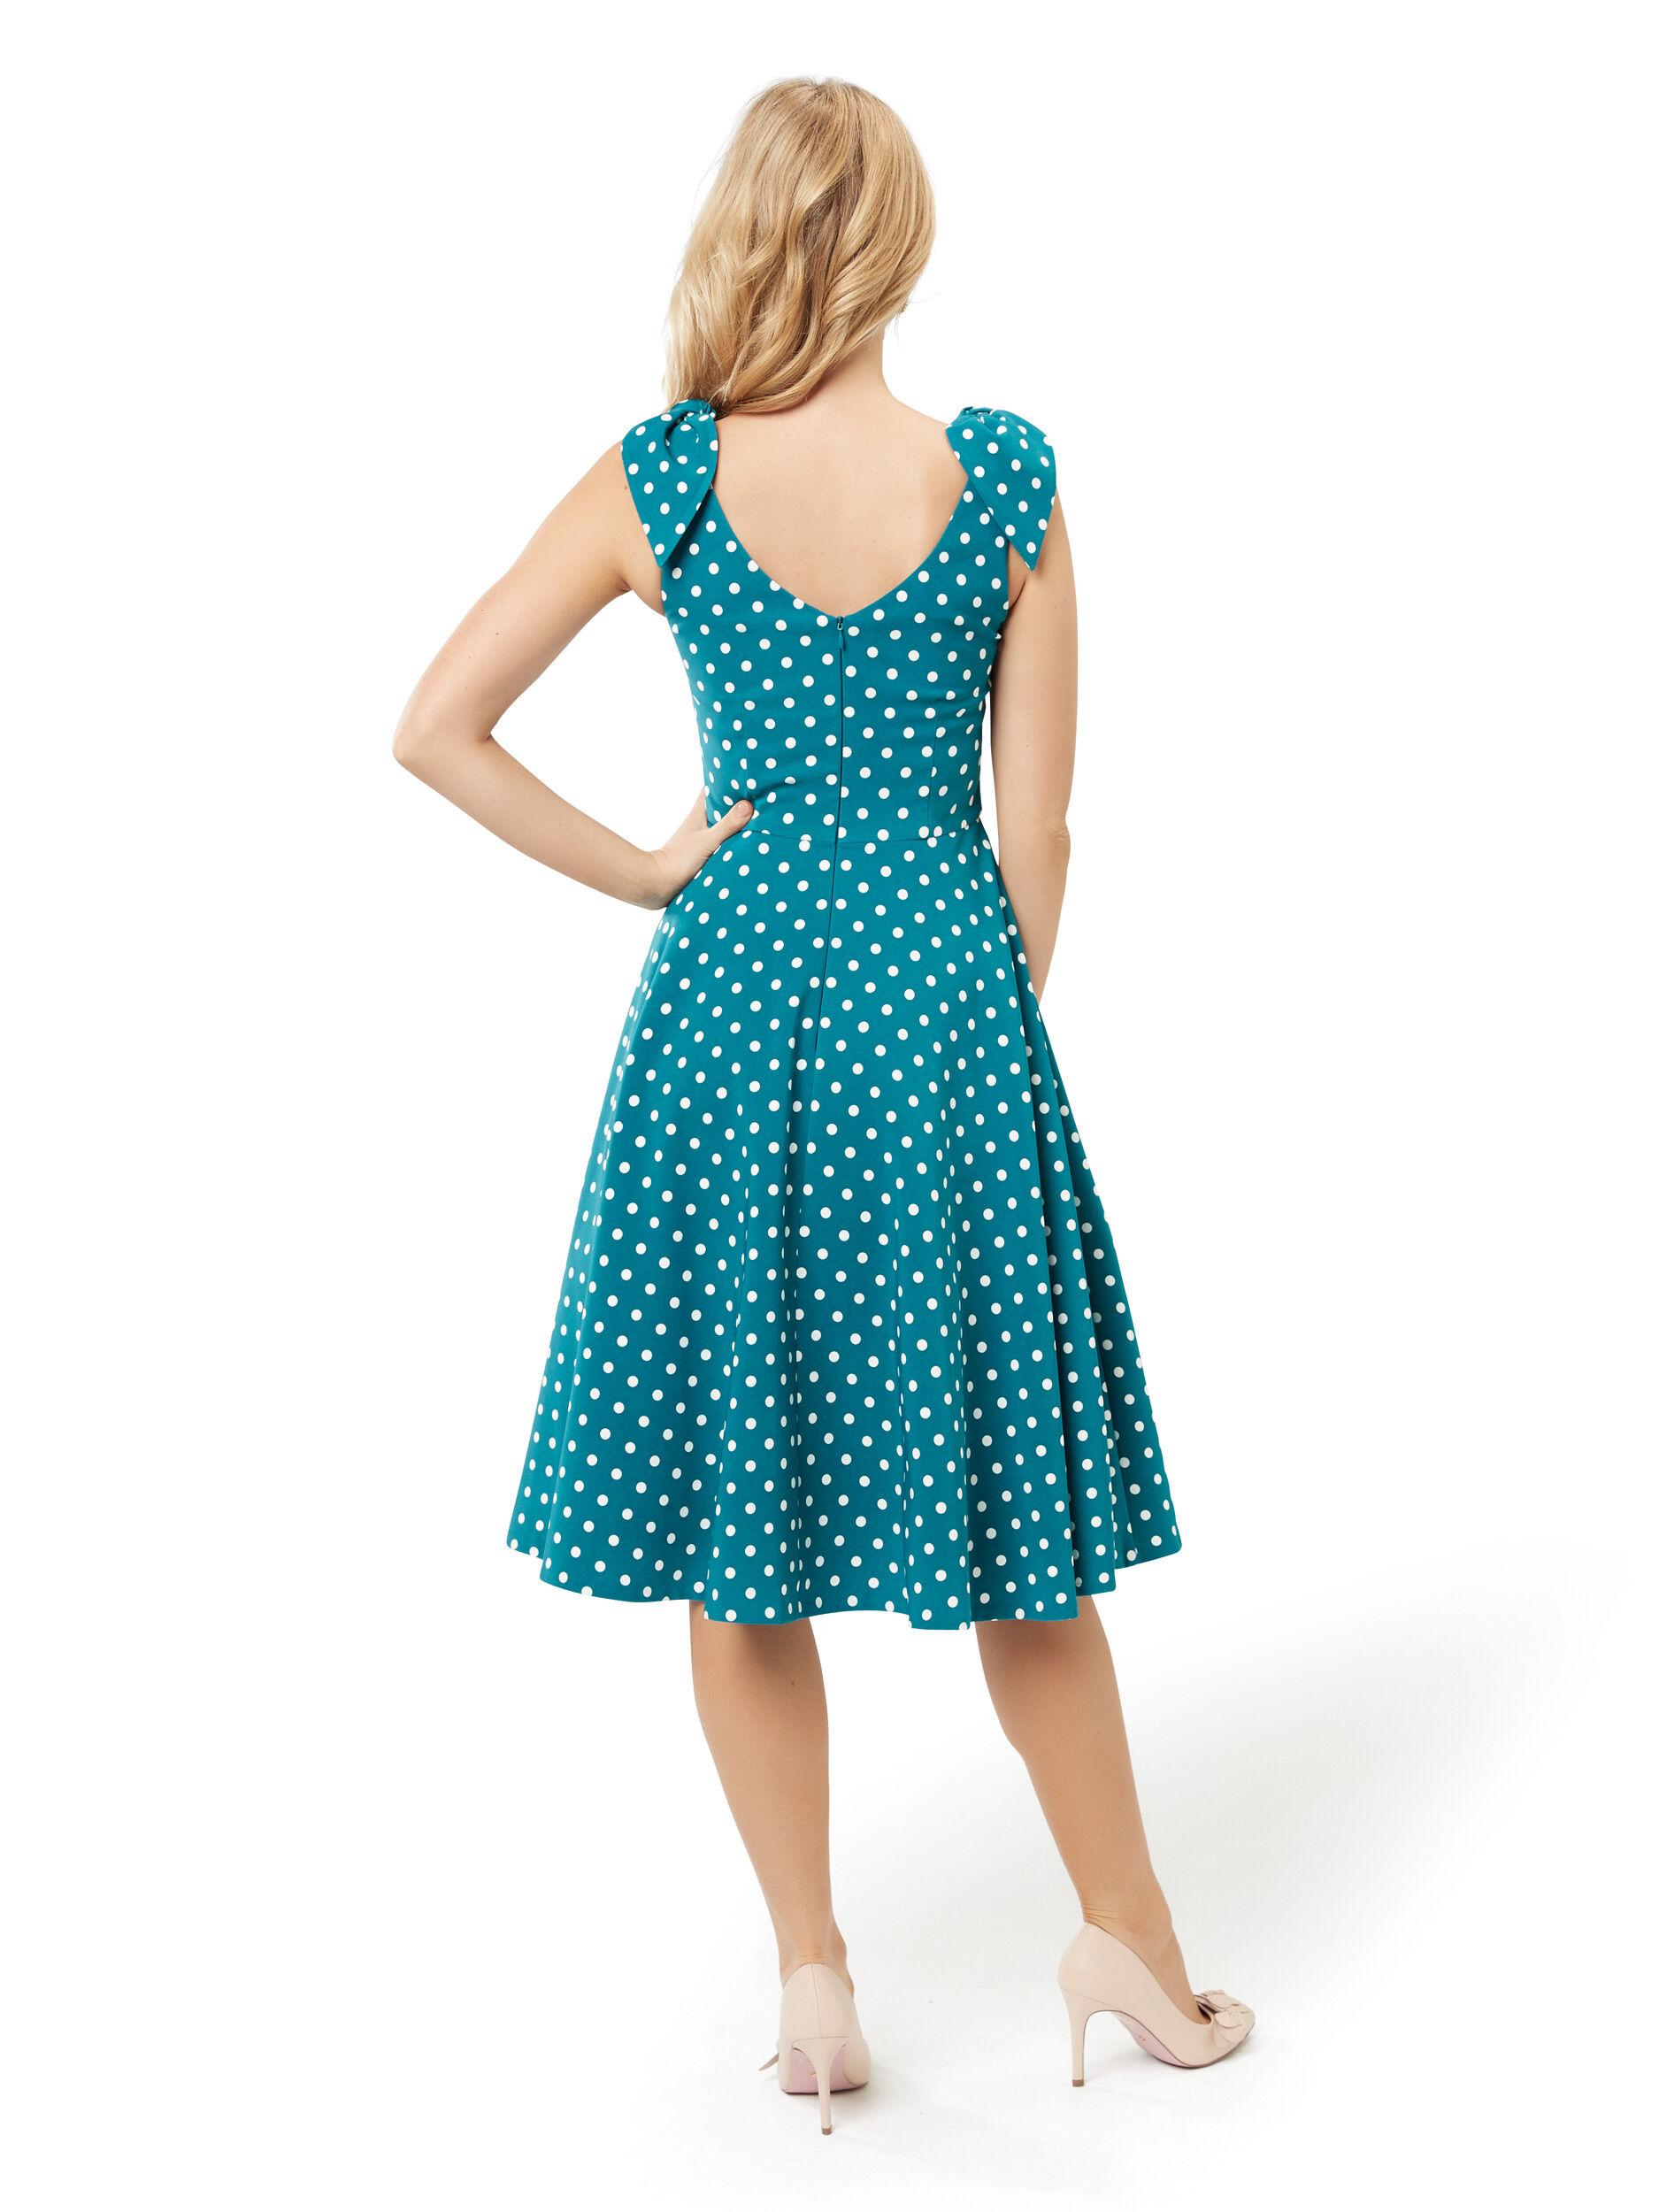 Dreamer Dot Dress